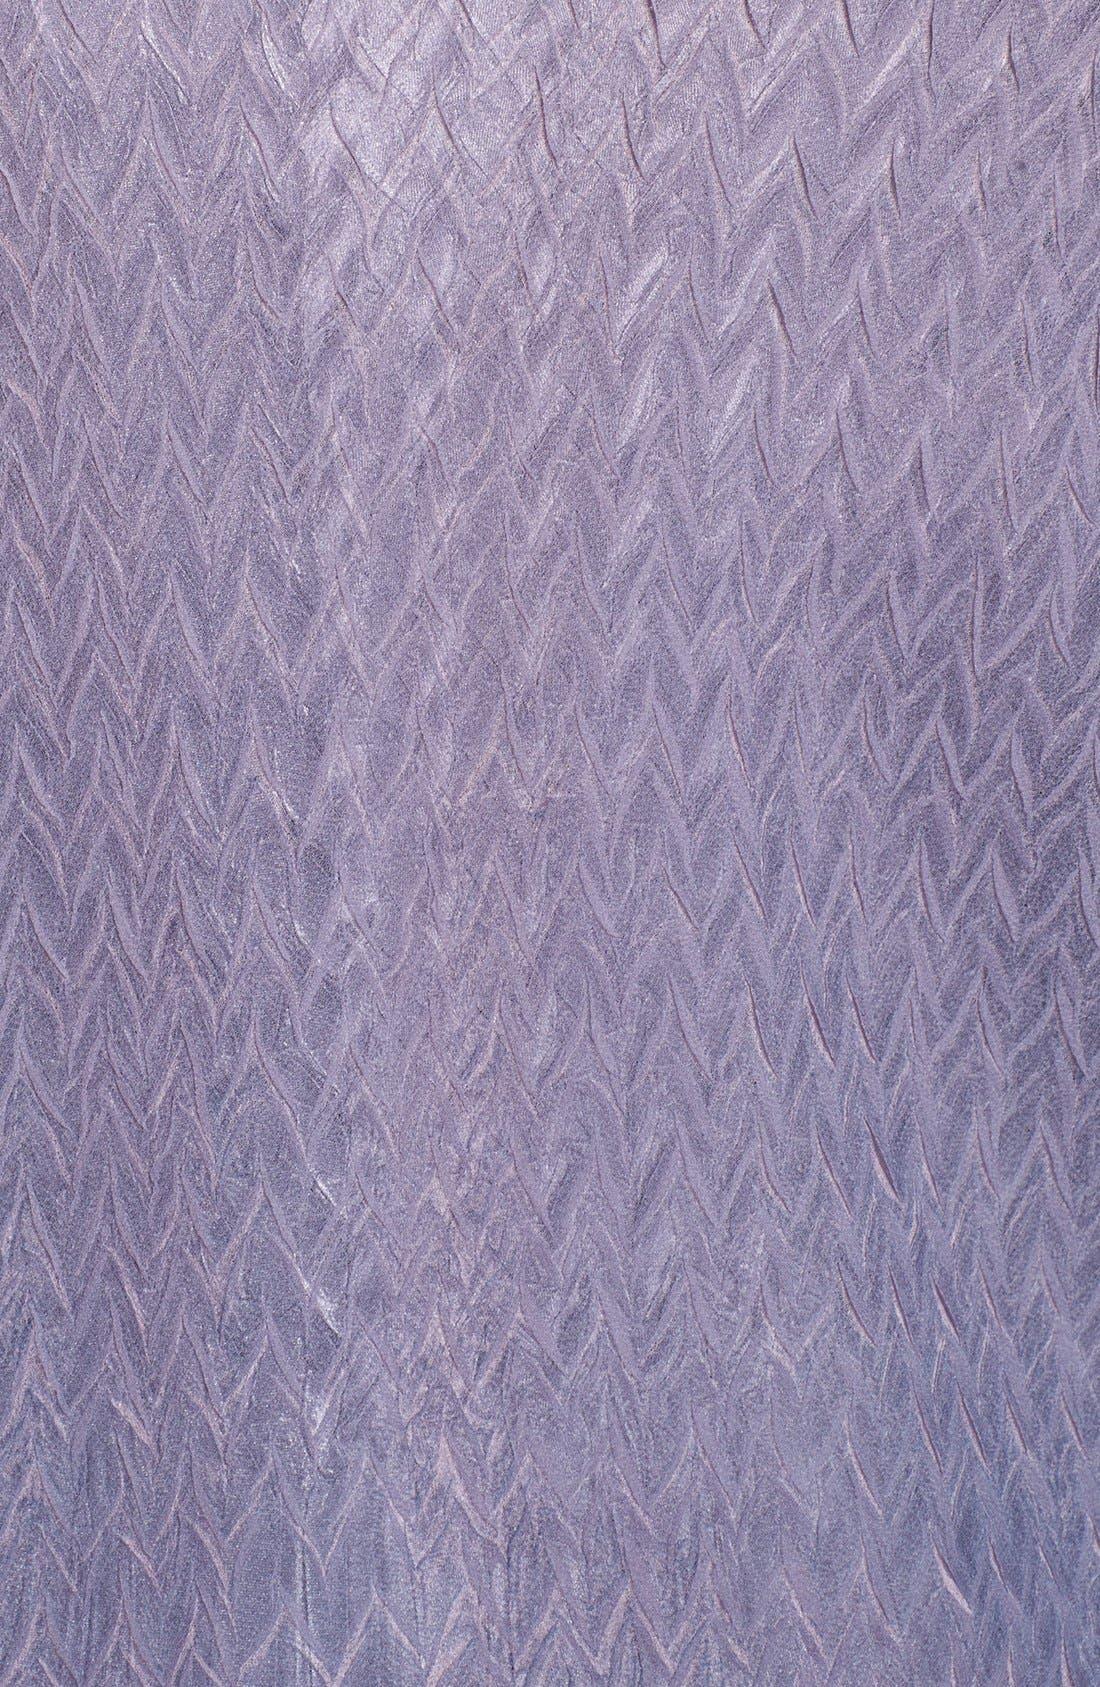 Alternate Image 3  - Komarov Embellished Mixed Media Dress & Jacket (Plus Size)